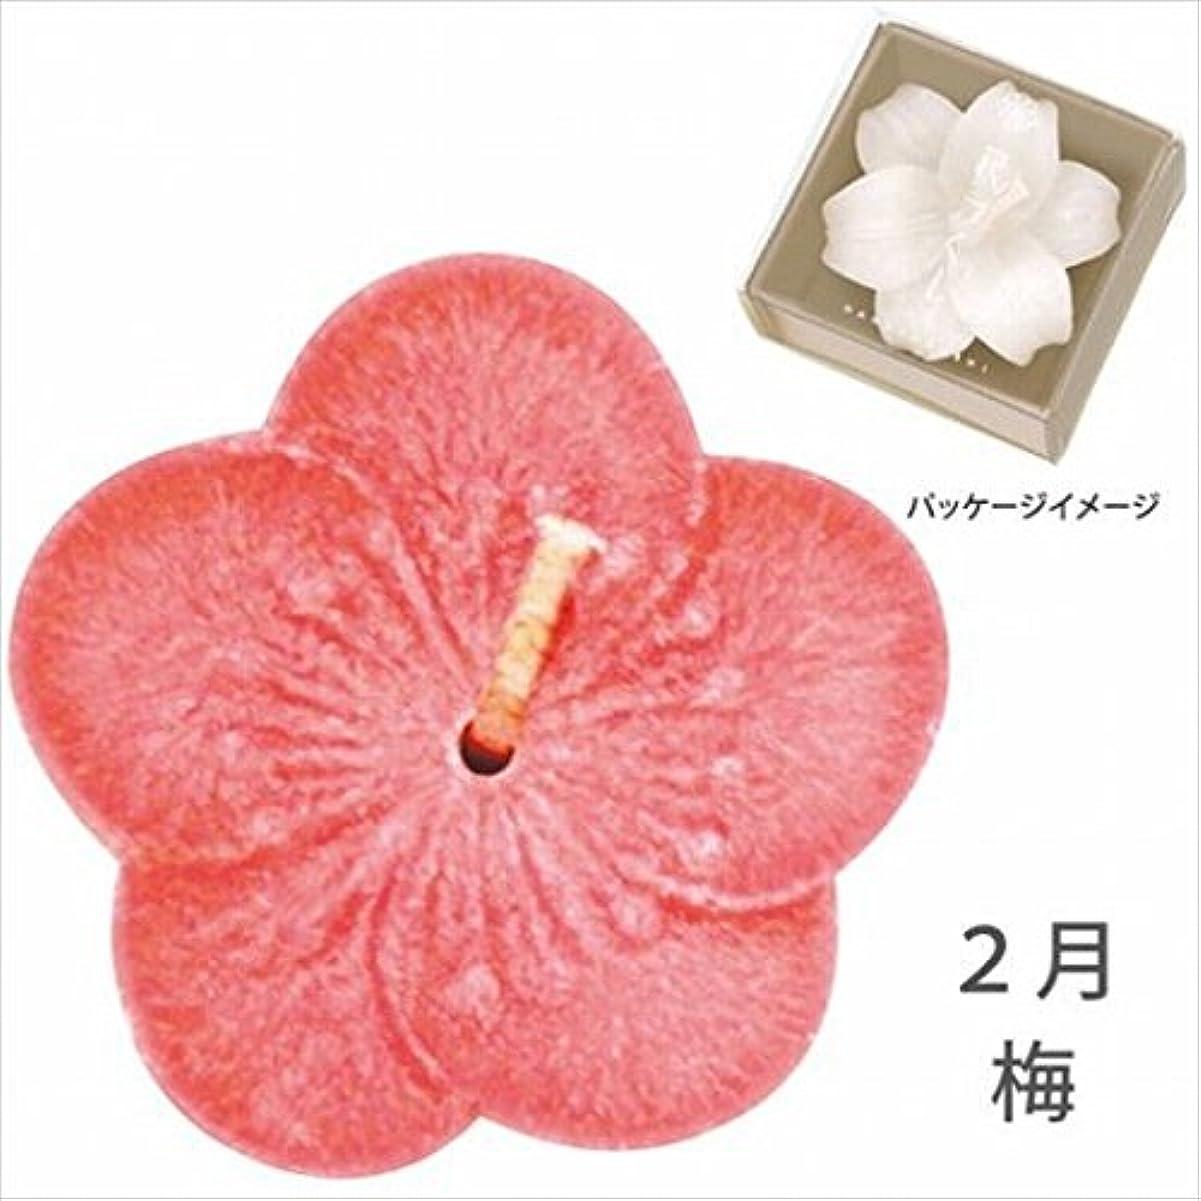 素晴らしきサワー派生するカメヤマキャンドル( kameyama candle ) 花づくし(植物性) 梅 「 梅(2月) 」 キャンドル